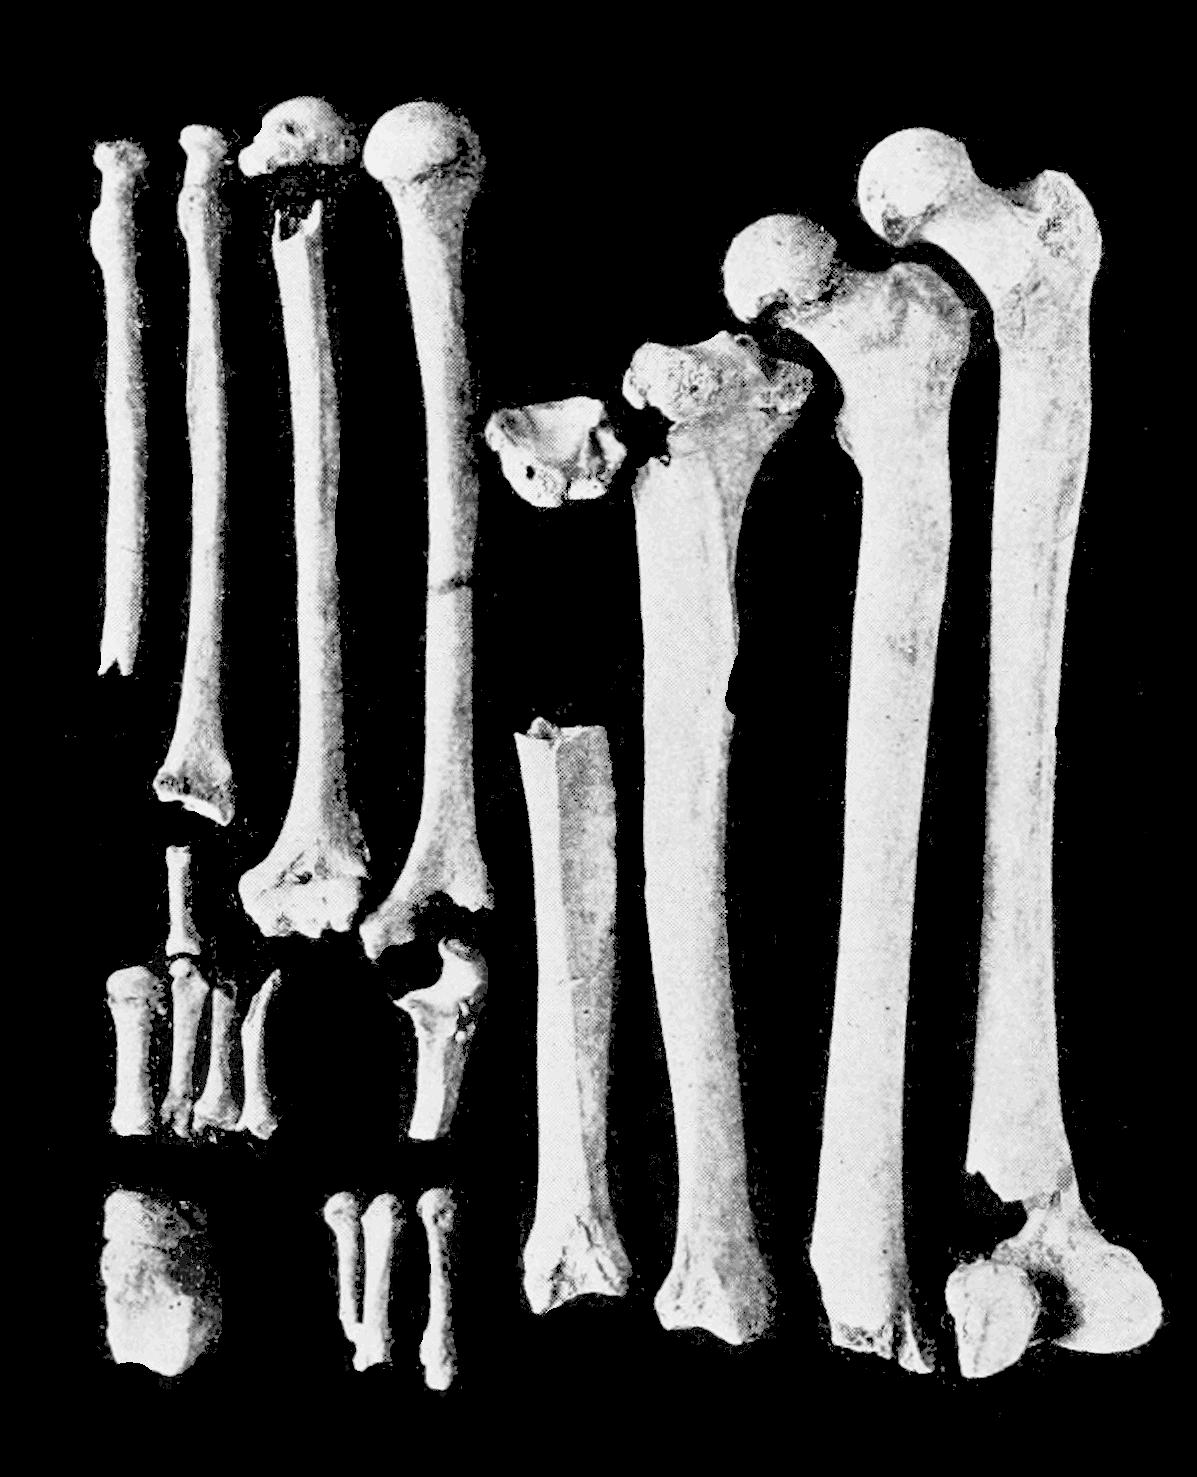 Png Skeleton Bones - File:psm V62 D474 Limb Bones Of The Lansing Skeleton.png, Transparent background PNG HD thumbnail